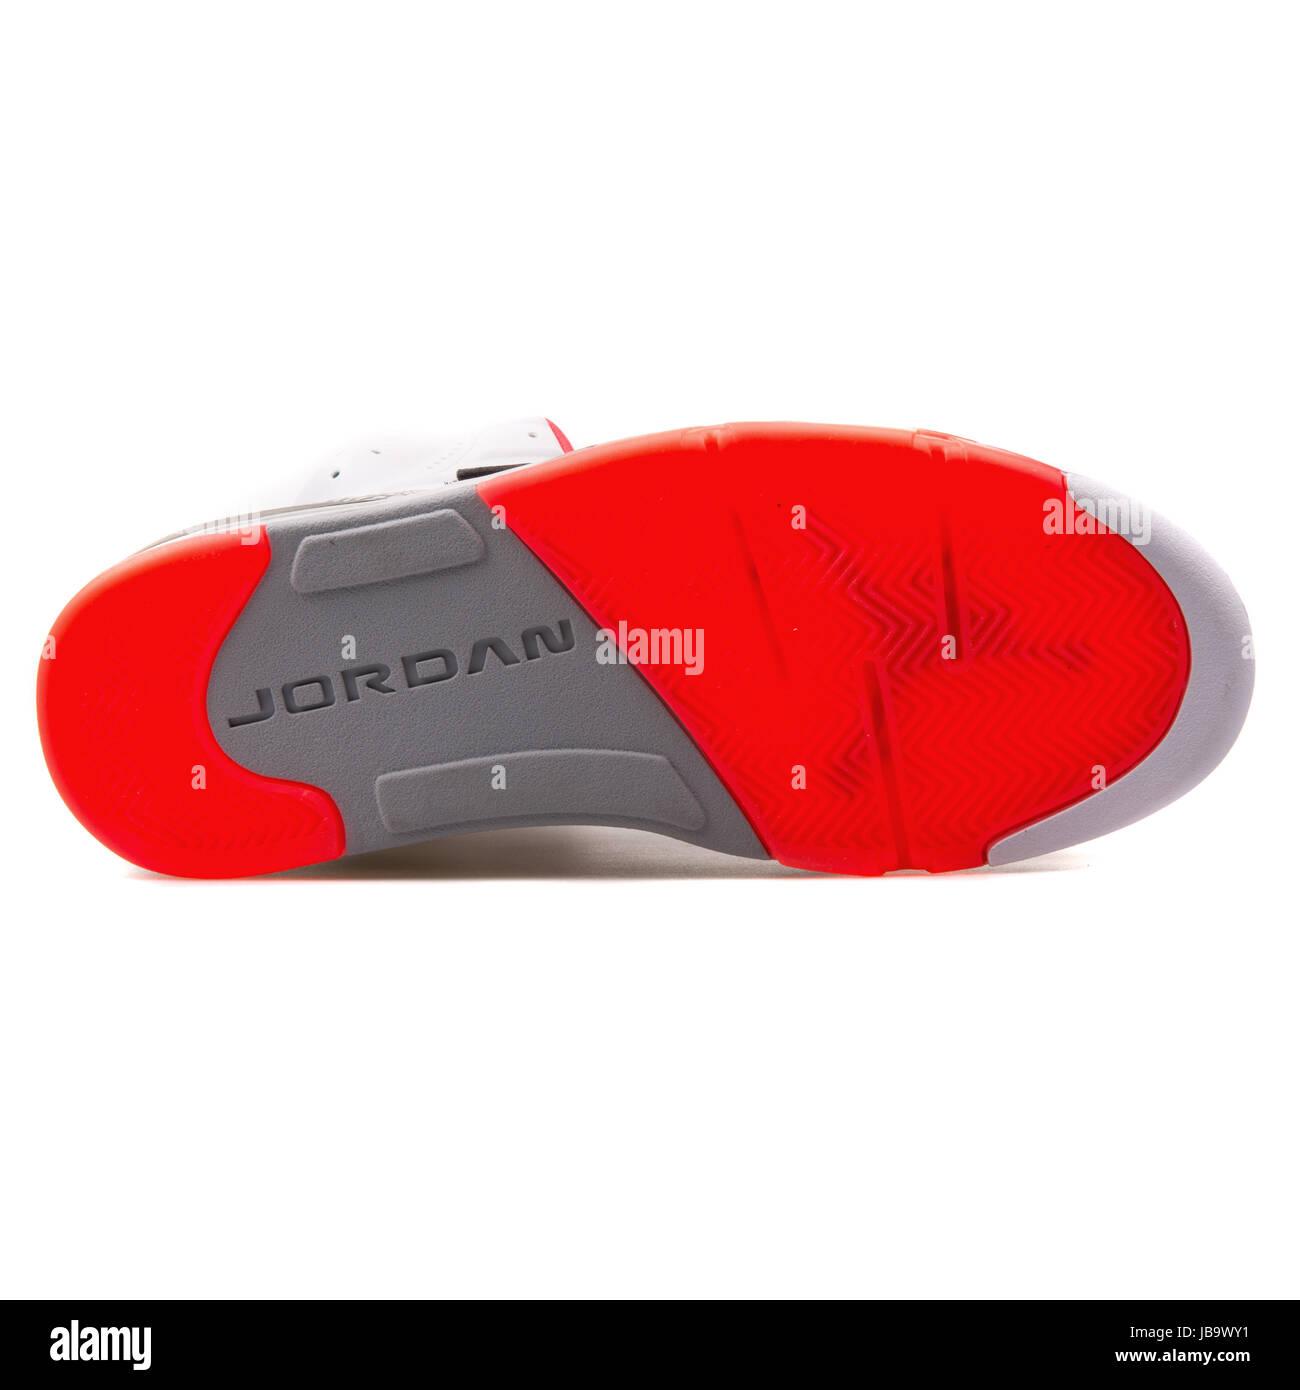 online store dda99 a538a Nike Jordan figlio di bianco, nero e grigio uomini scarpe da basket -  512245-